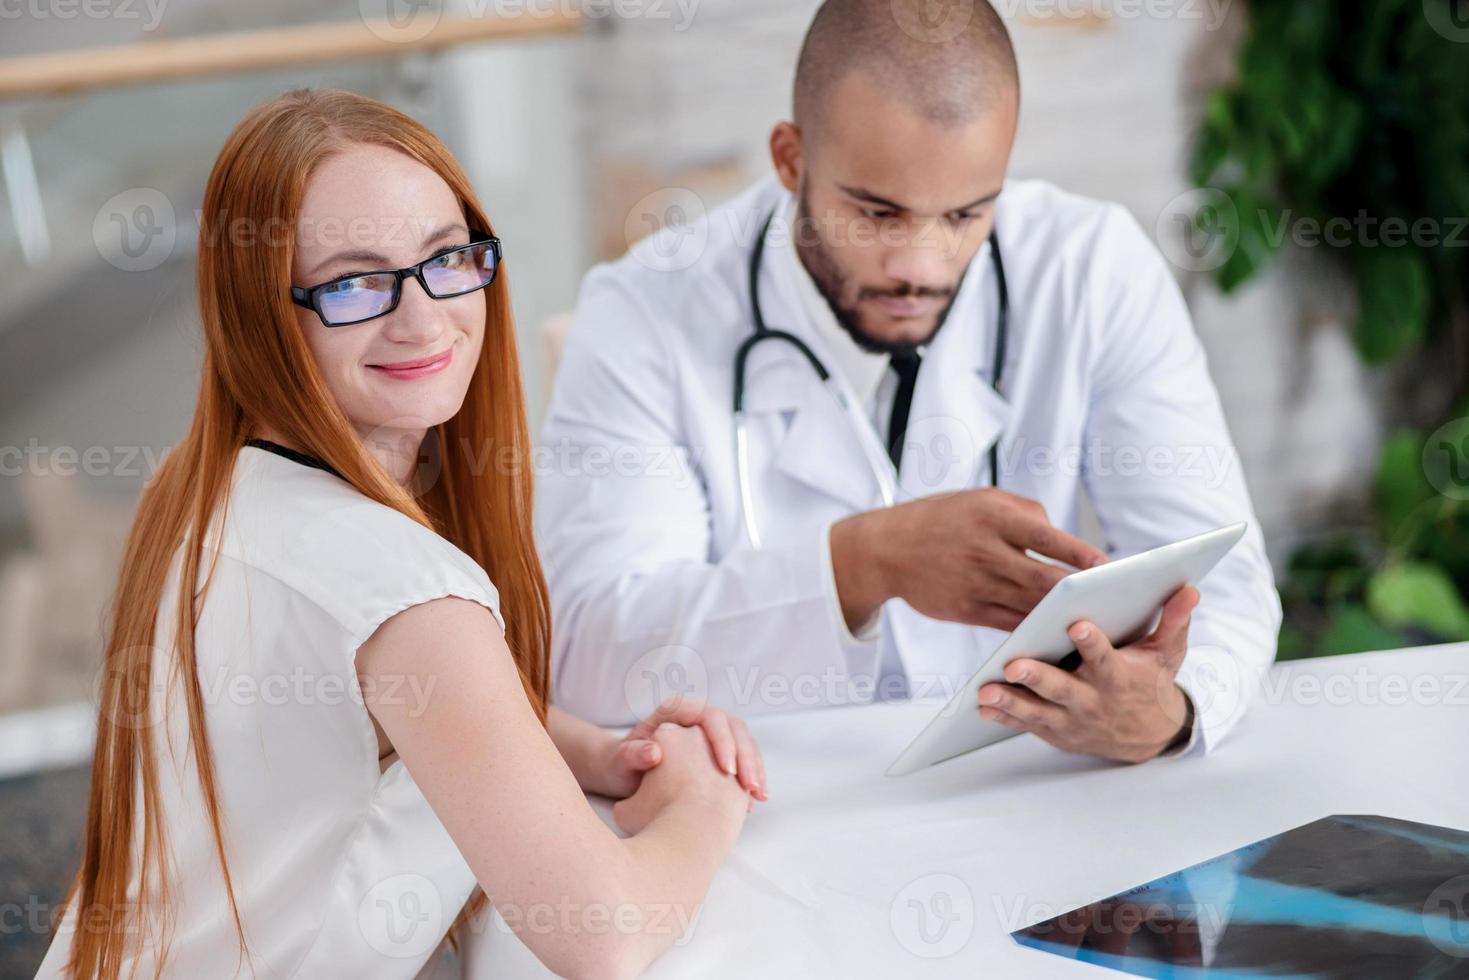 saúde do paciente. médico conversando com o paciente foto